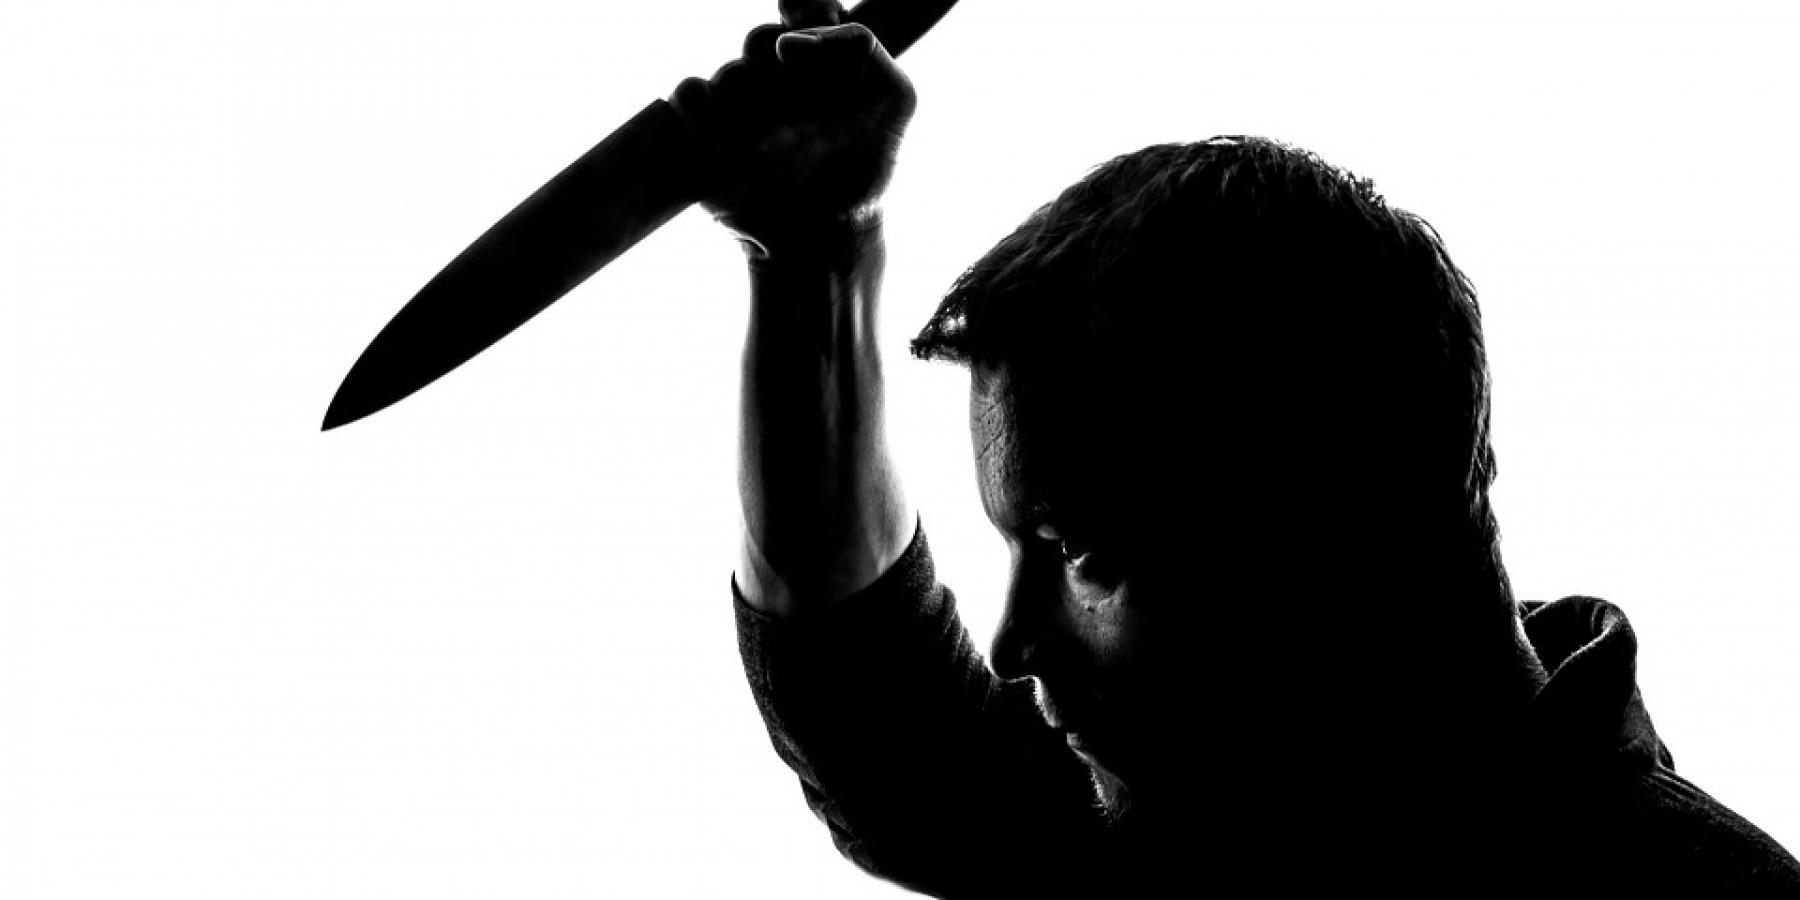 Ehefrau starb nach Messerstichen in den Rücken